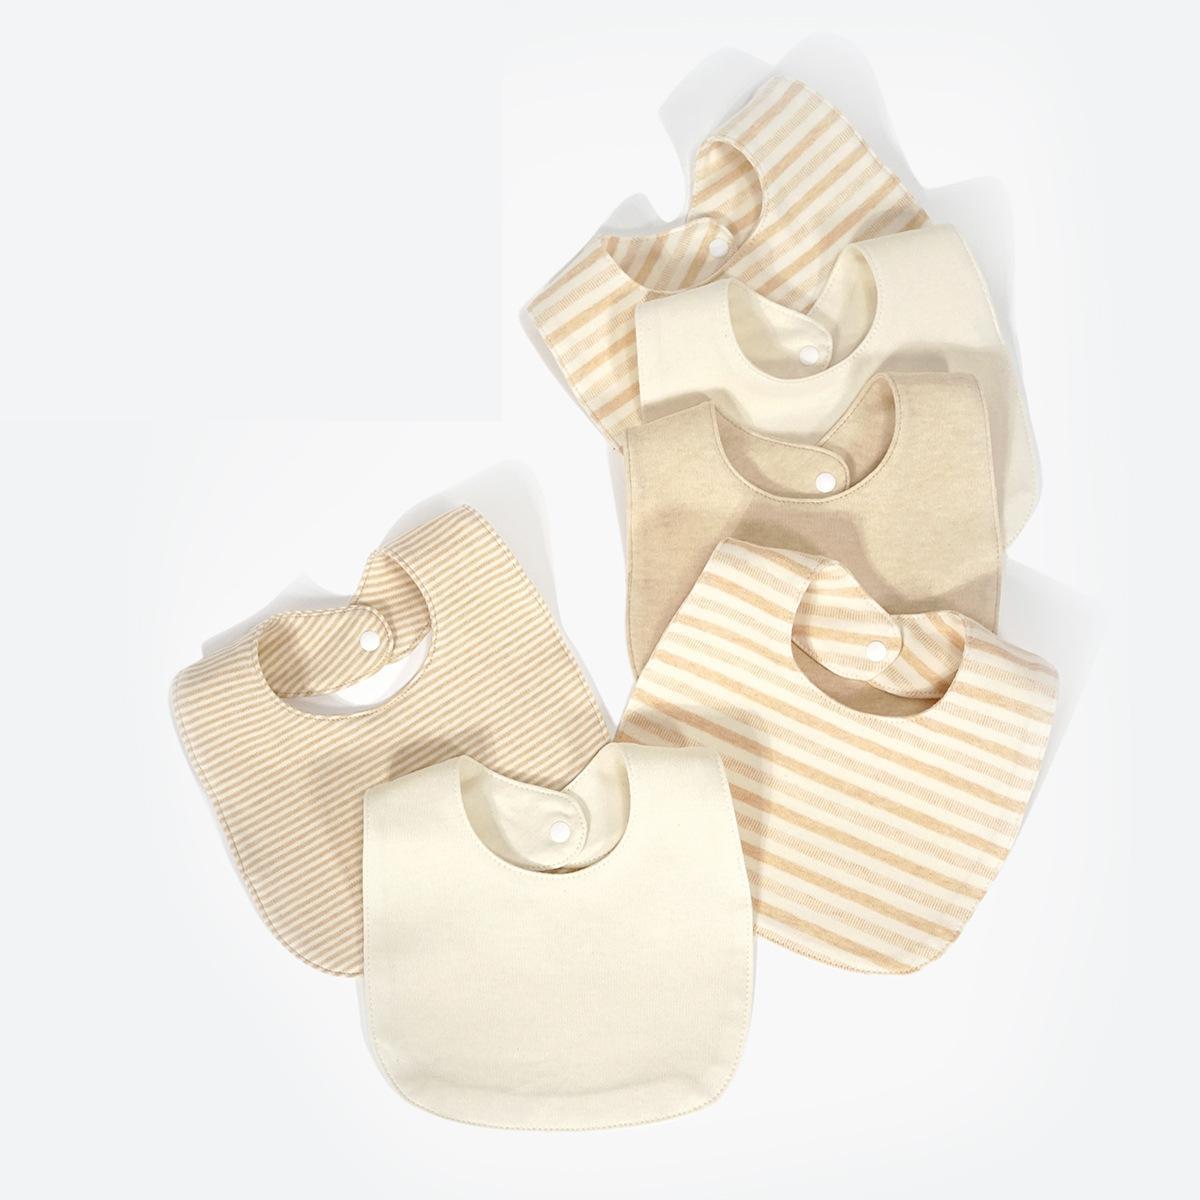 Baby Speichel Handtuch Einfarbig Acht-stück Neugeborenen Bib Reis Tasche Snap Baumwolle Kleinkind Jungen Mädchen Fütterung Liefert 23.5*18,5 cm